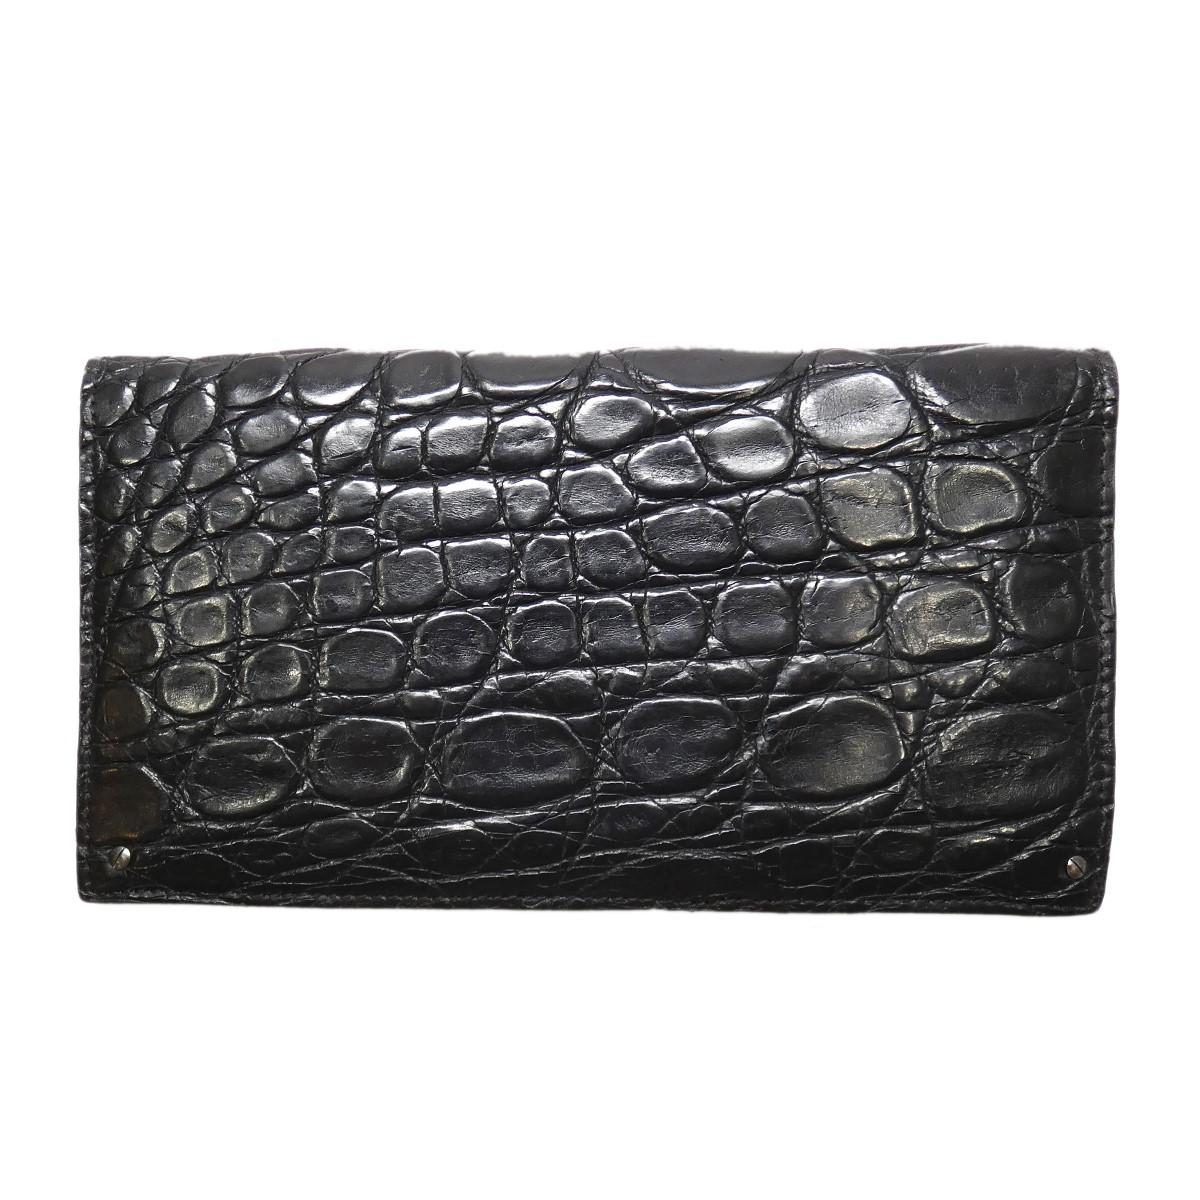 エルメネジルドゼニア 中古 Ermenegildo 使い勝手の良い Zegna 長財布 ブラック 270621 セットアップ